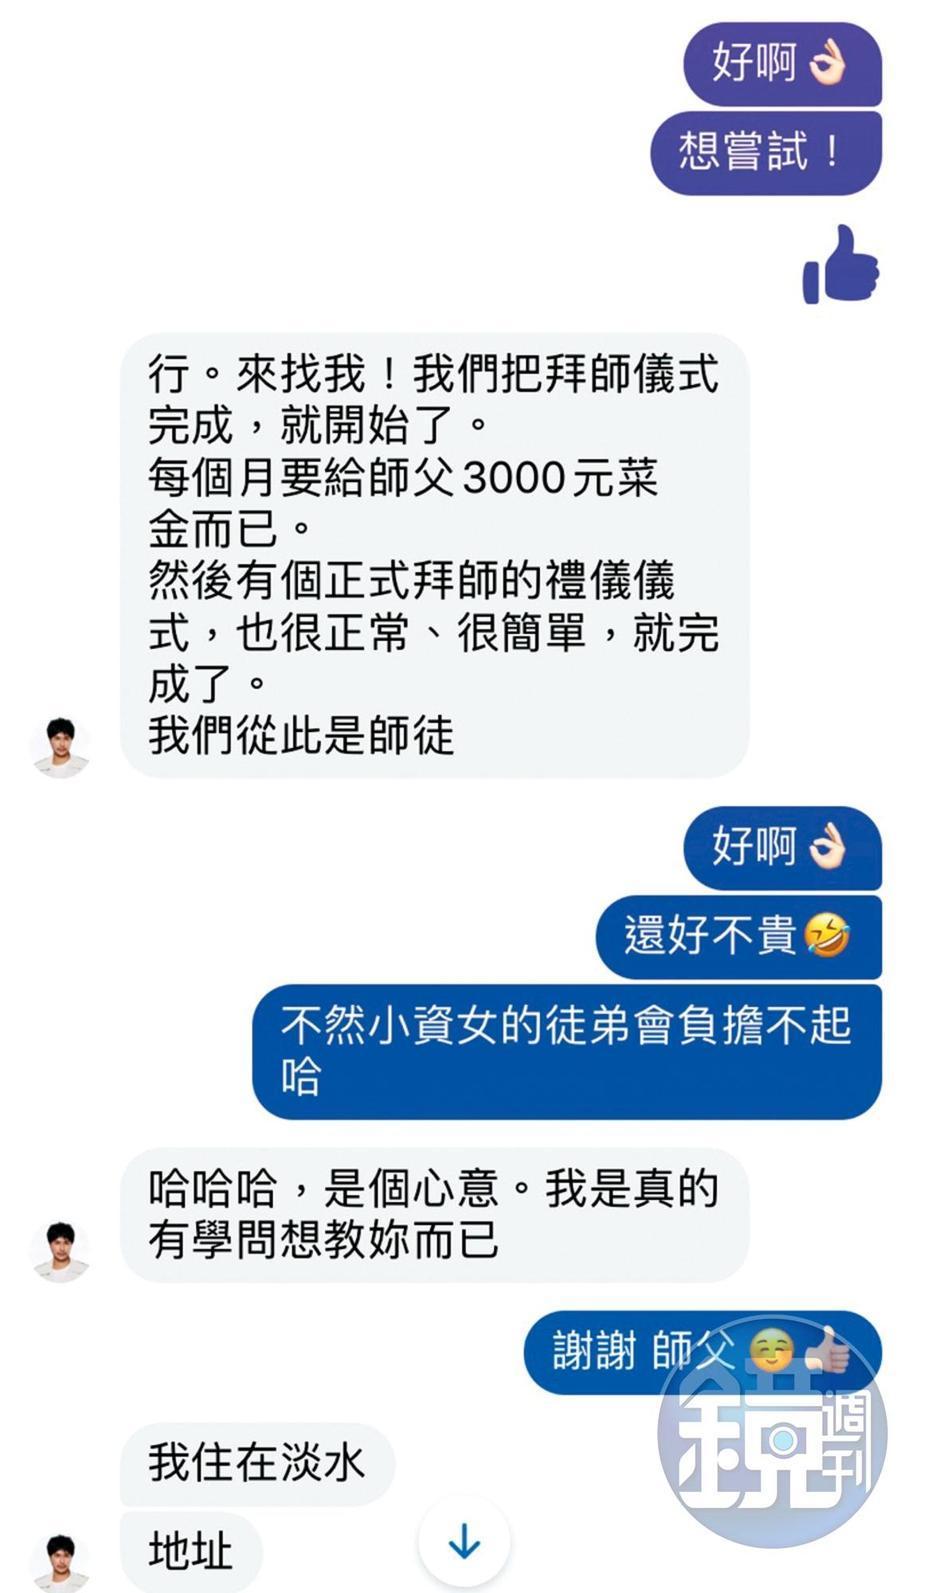 范植偉表示自己將以學問相授,向小米索每月3000元菜金。(讀者提供)